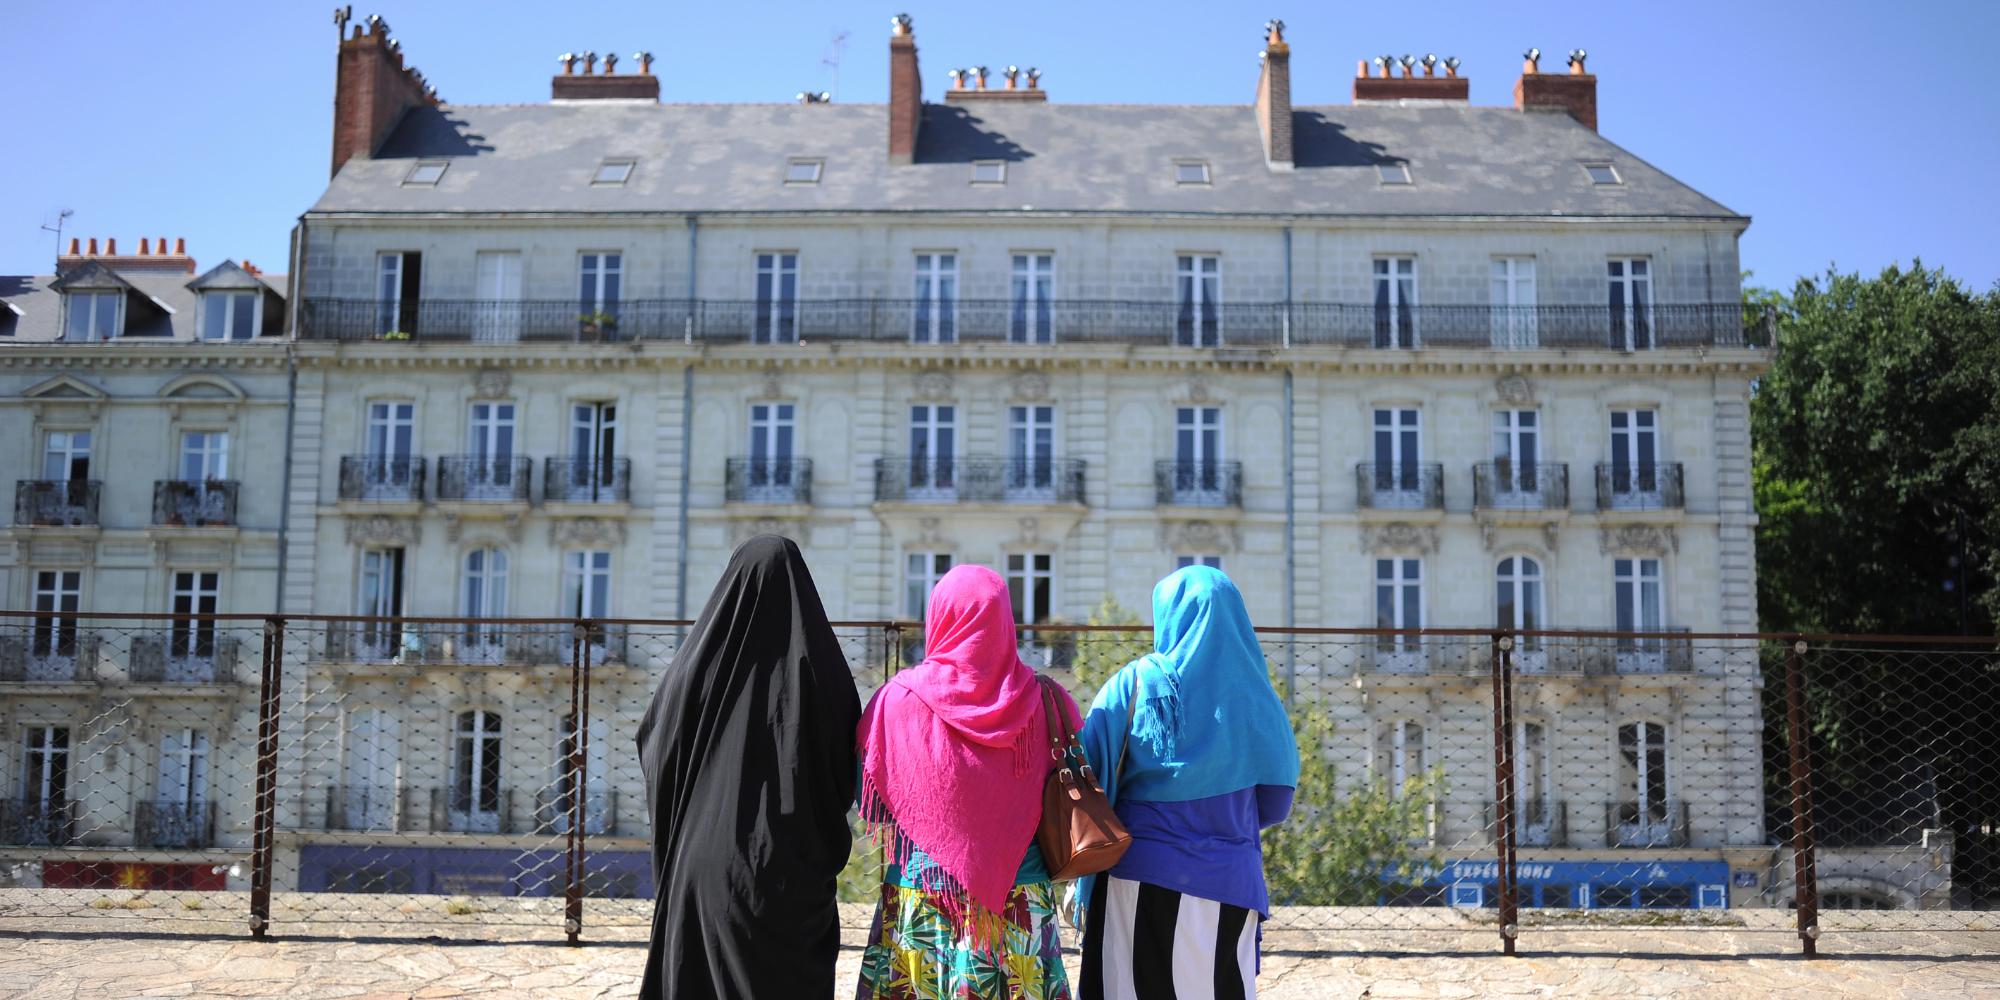 Assassinat de Samuel Paty : à Nantes, le désarroi des jeunes musulmans face aux tensions